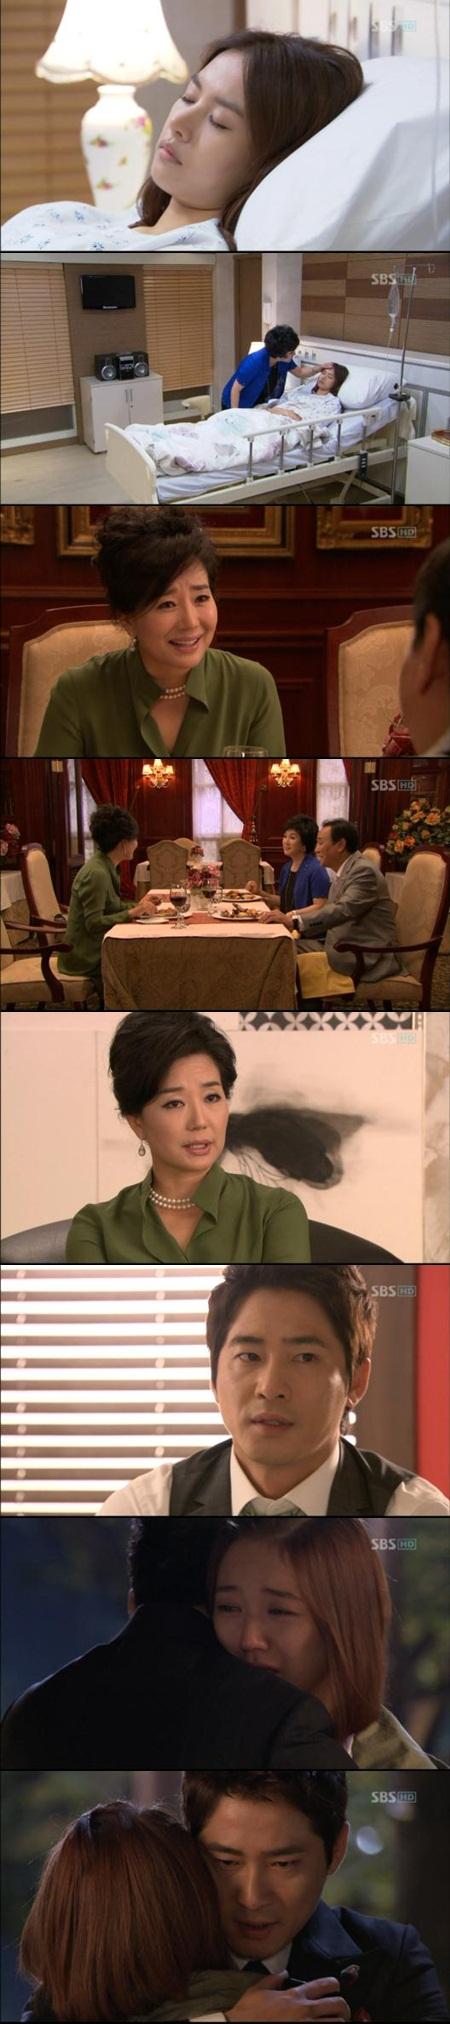 Yoon Hee oh Yoon-joo jo Yoon-hee